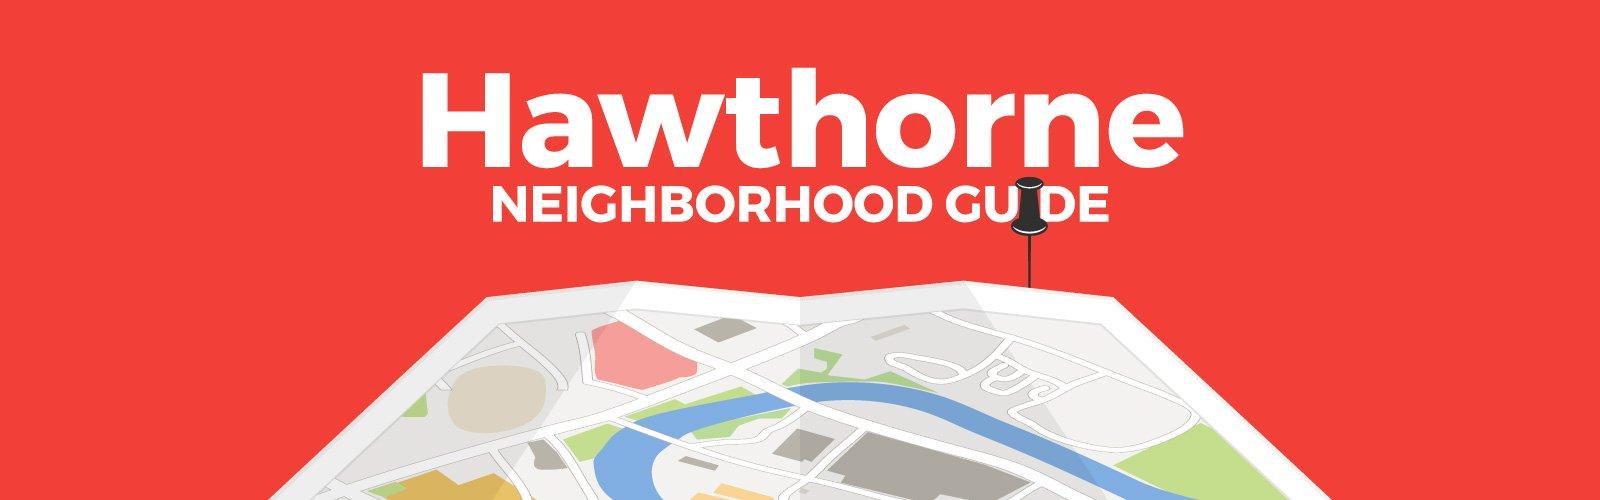 Hawthorne Neighborhood Guide - Portland